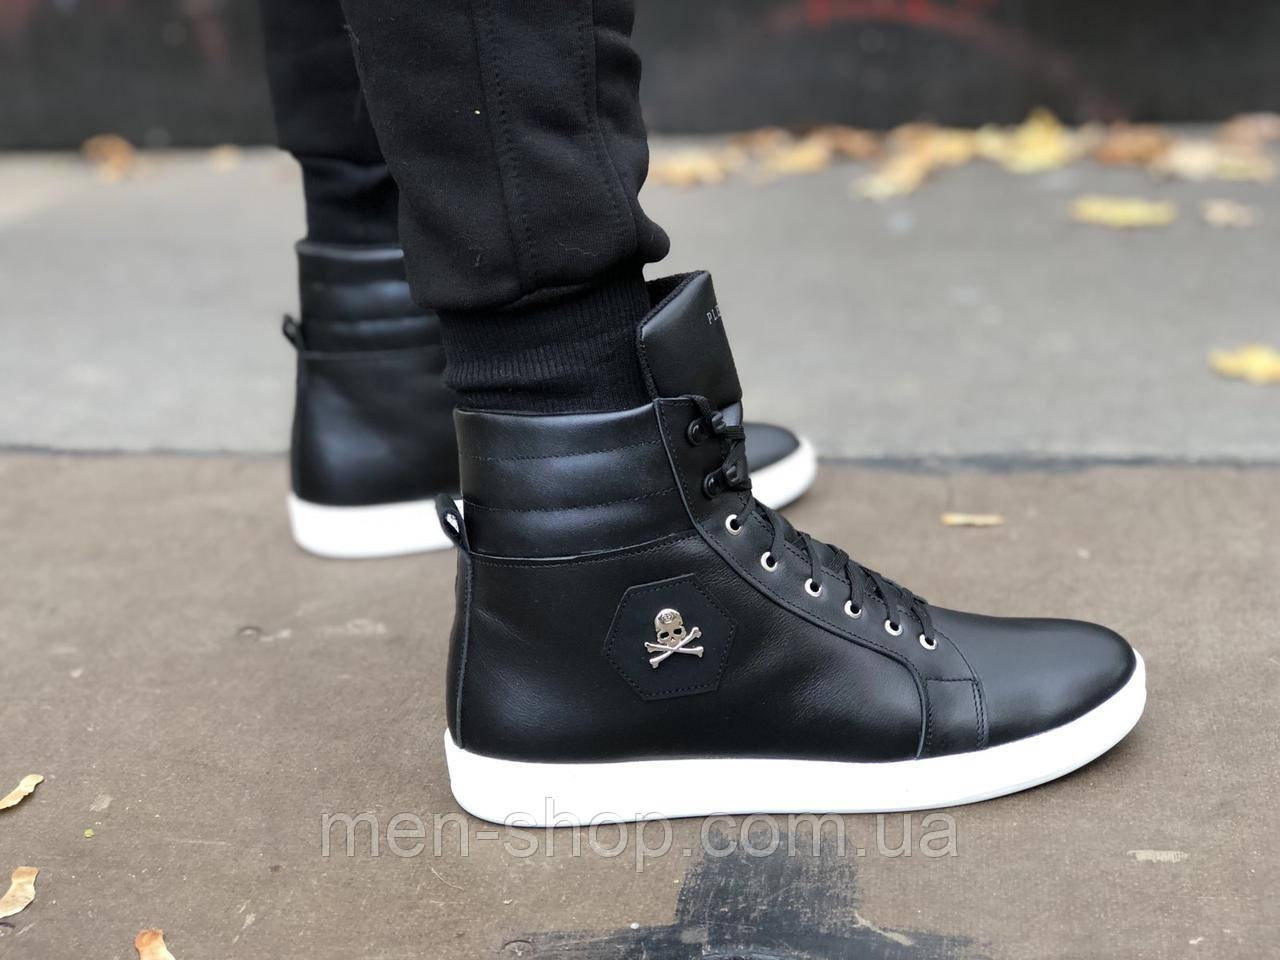 Зимние мужские ботинки с мехом в стиле Philipp Plein